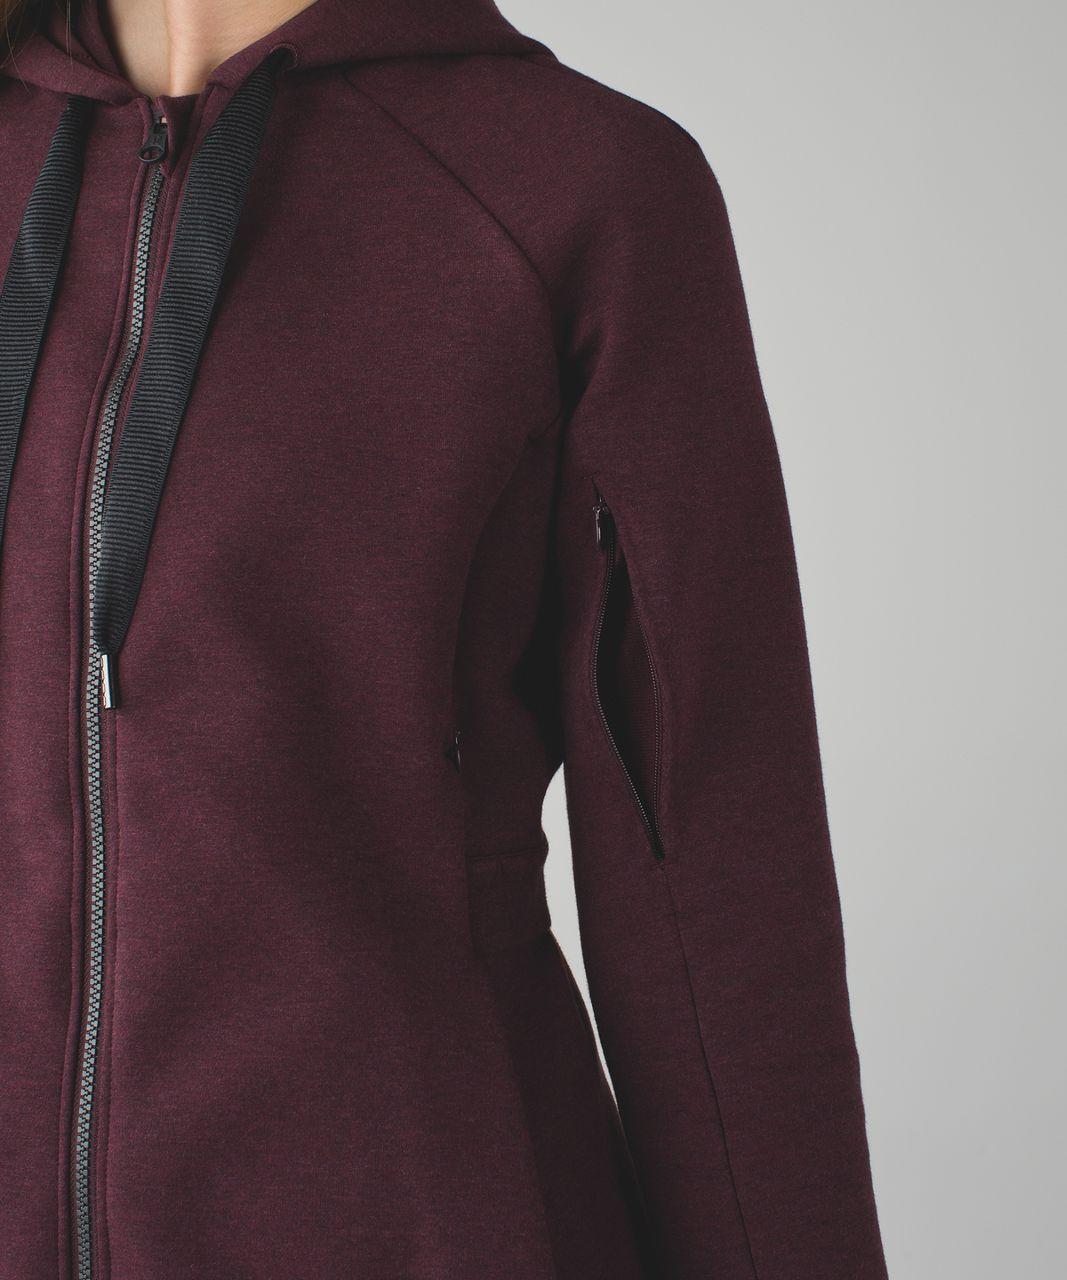 Lululemon &go Skyline Jacket - Heathered Bordeaux Drama / Bordeaux Drama